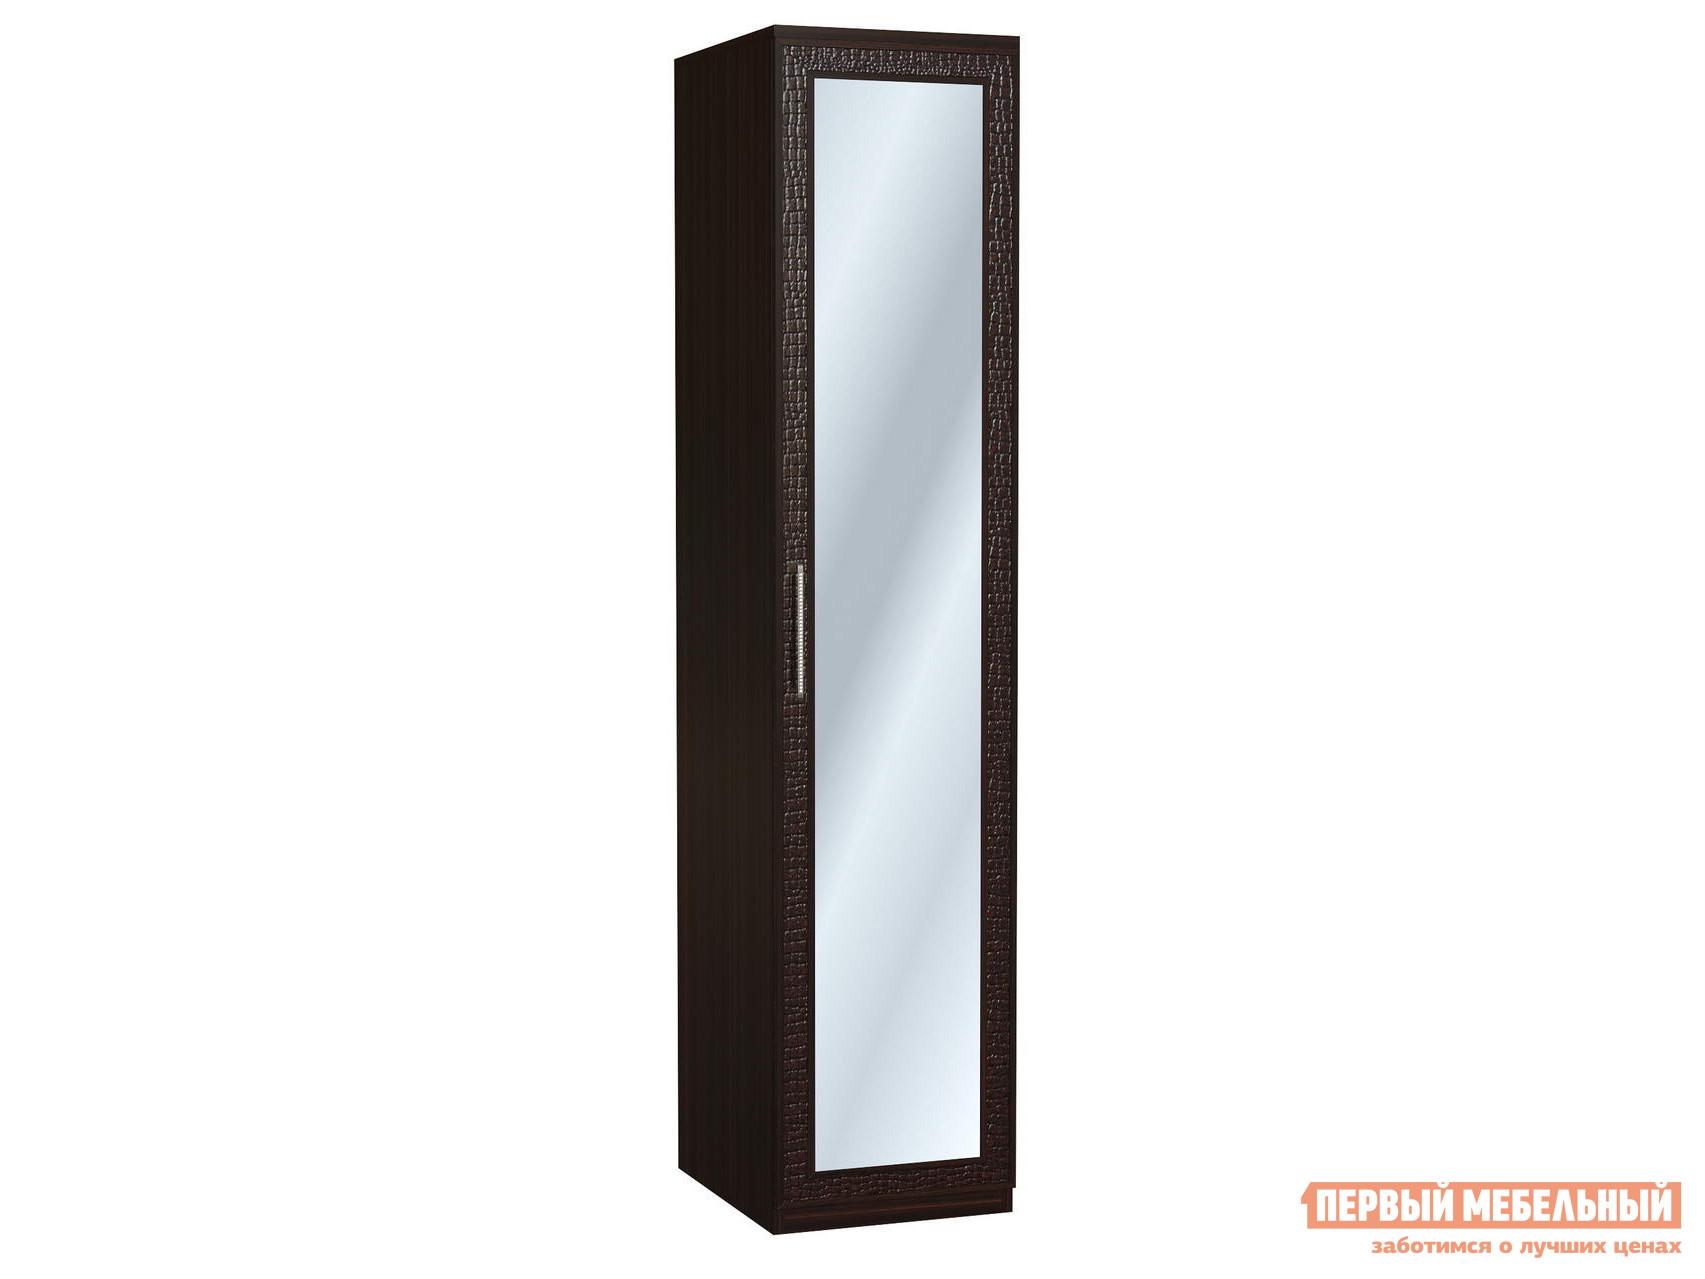 Шкаф-пенал Первый Мебельный Тоскана Ш1 шкаф детский мирлачев кристи ш1